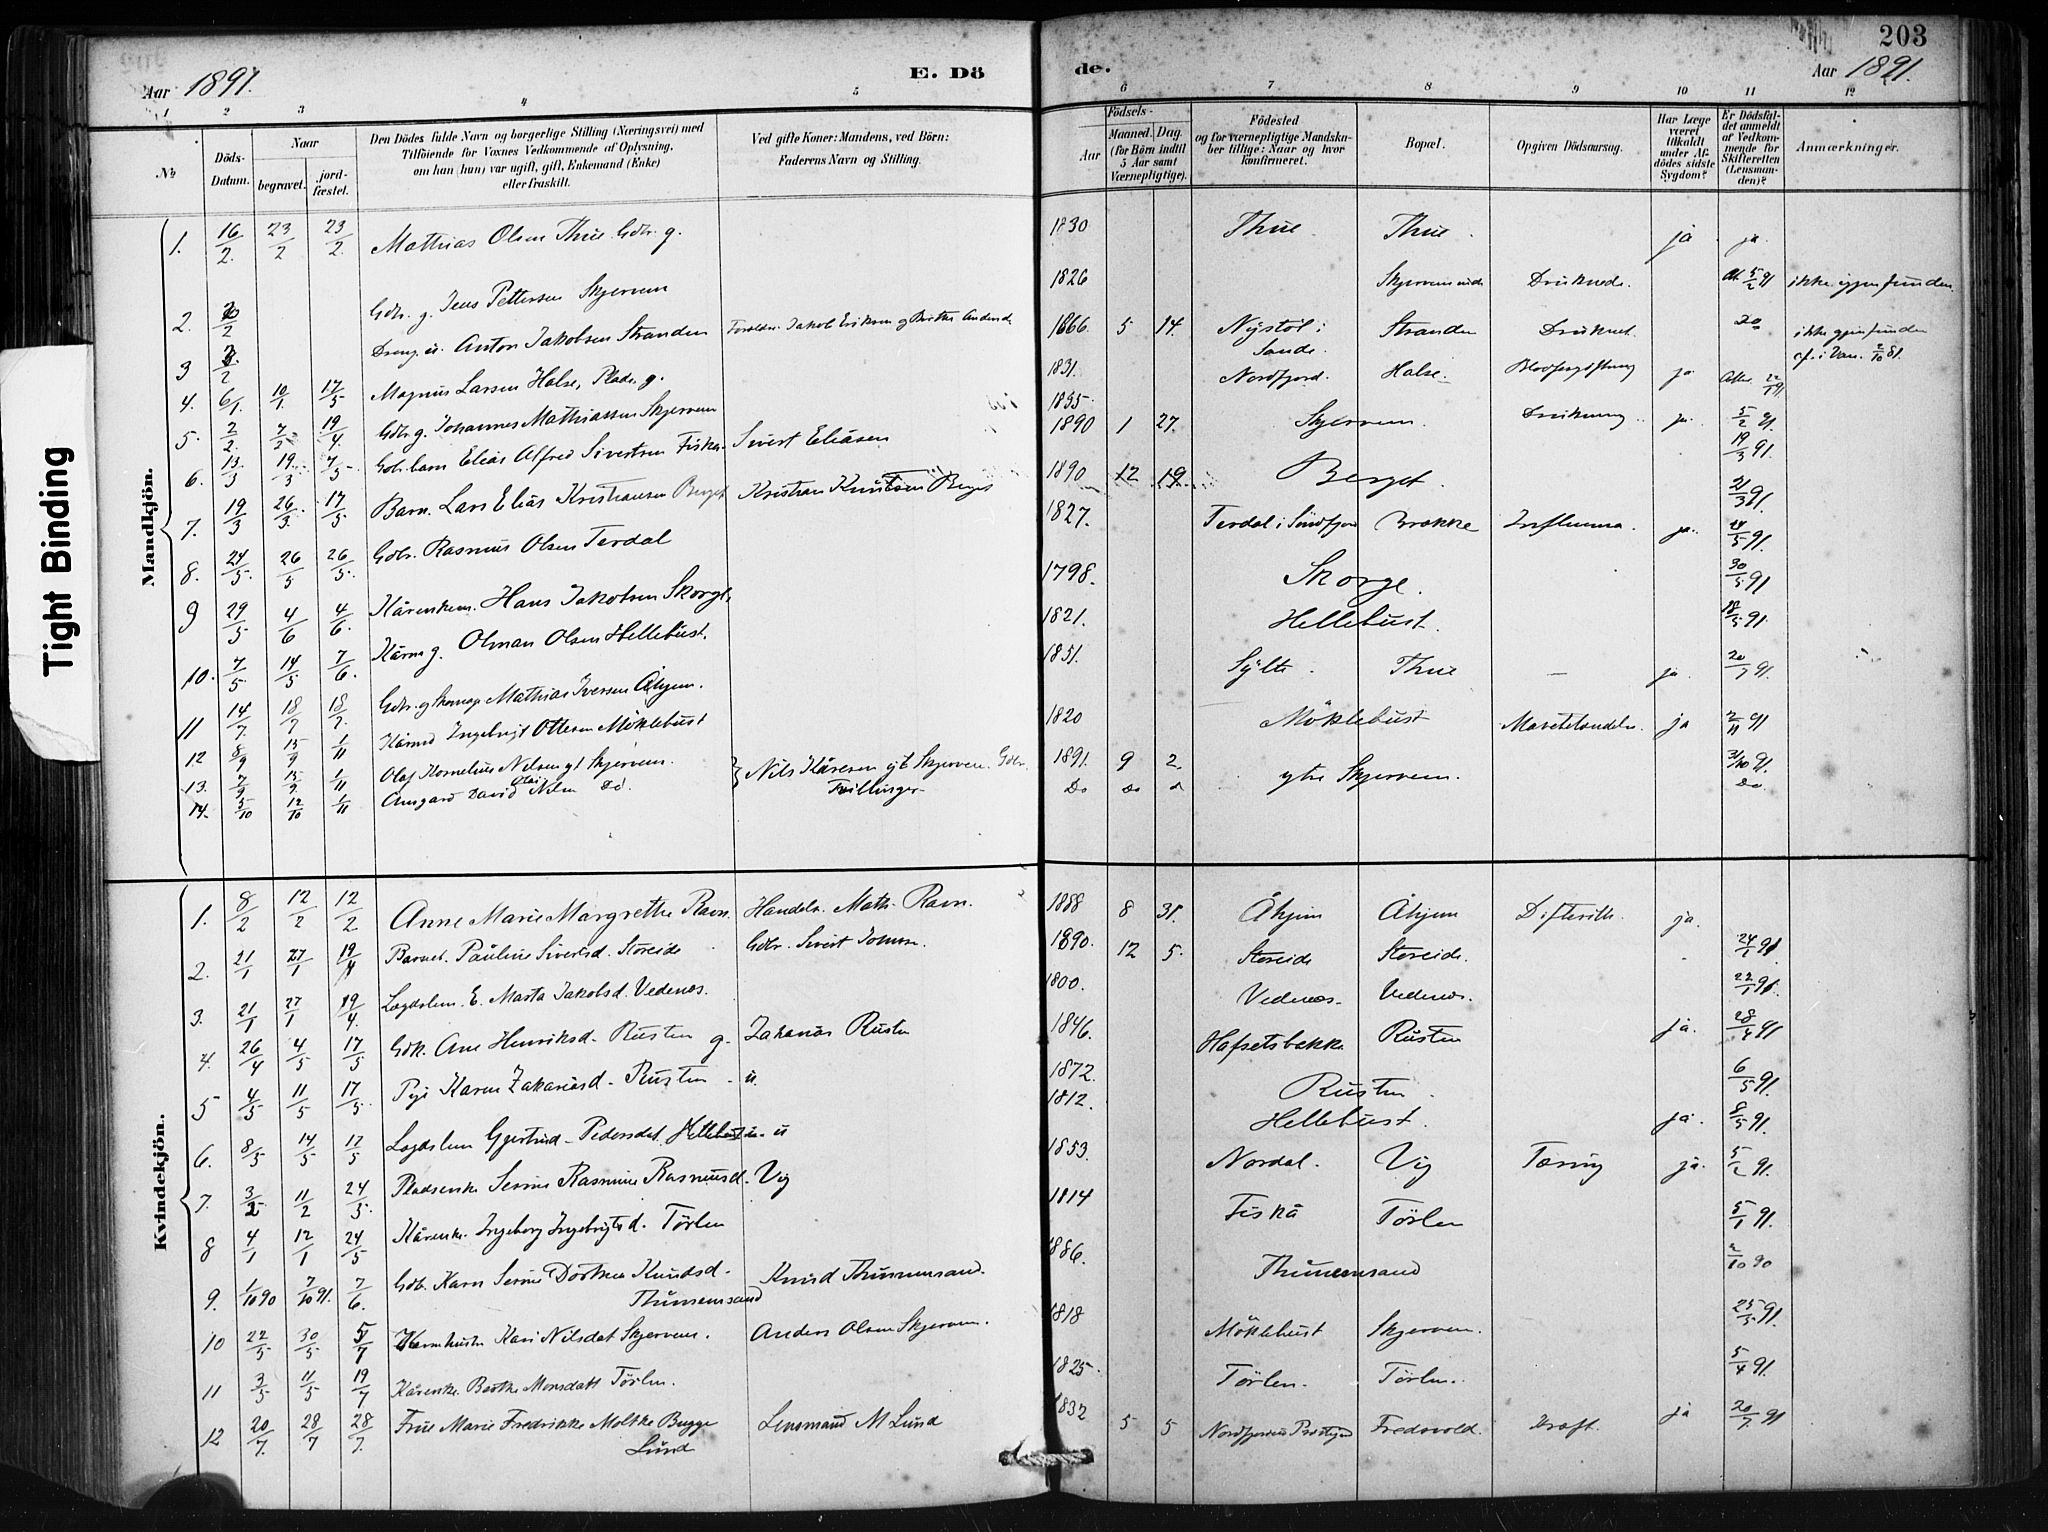 SAT, Ministerialprotokoller, klokkerbøker og fødselsregistre - Møre og Romsdal, 501/L0008: Ministerialbok nr. 501A08, 1885-1901, s. 203